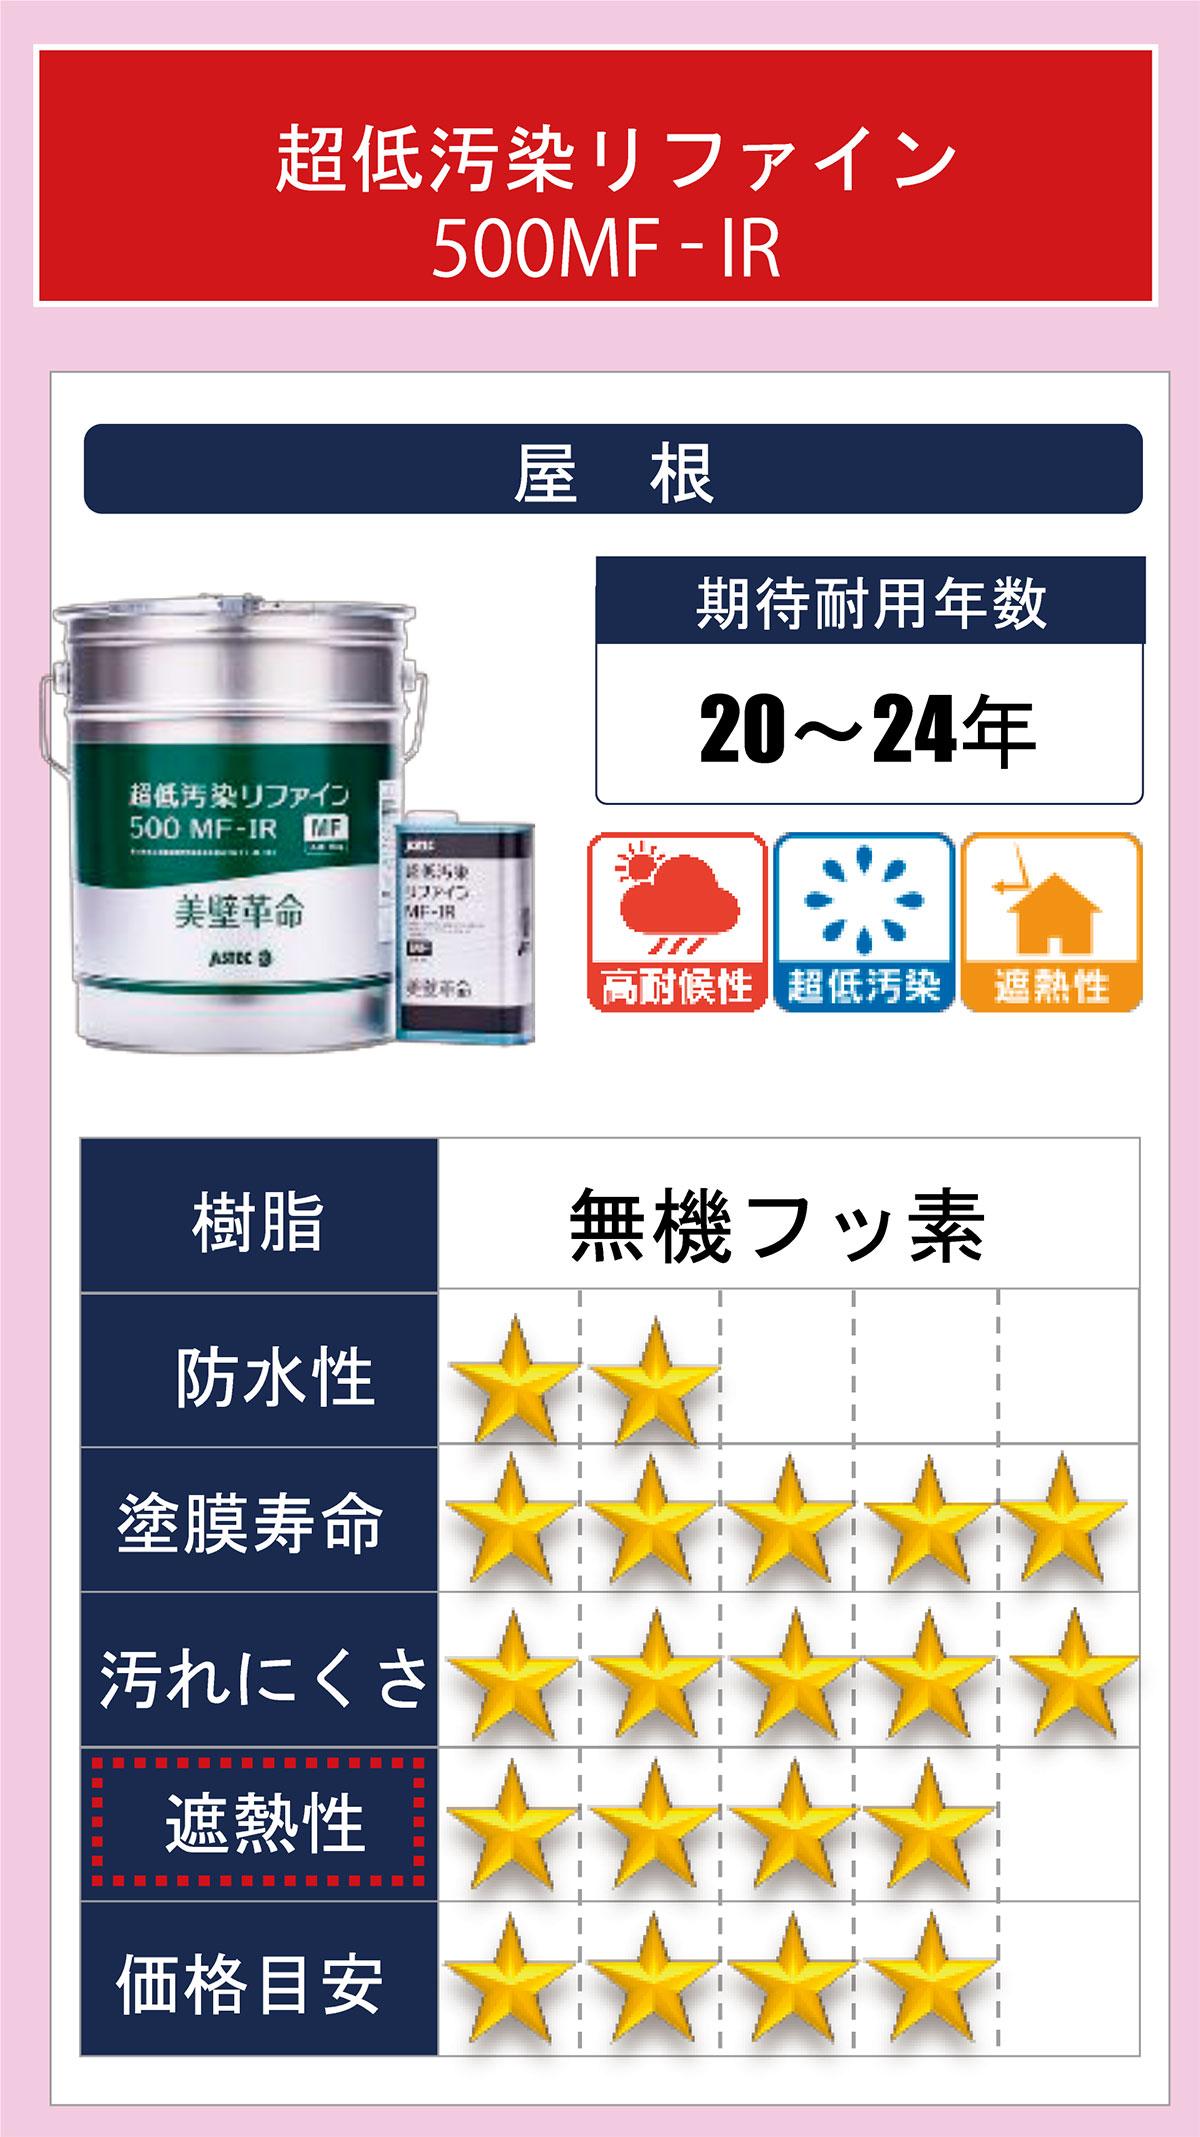 屋根塗装(超低汚染リファイン500MF-IR)